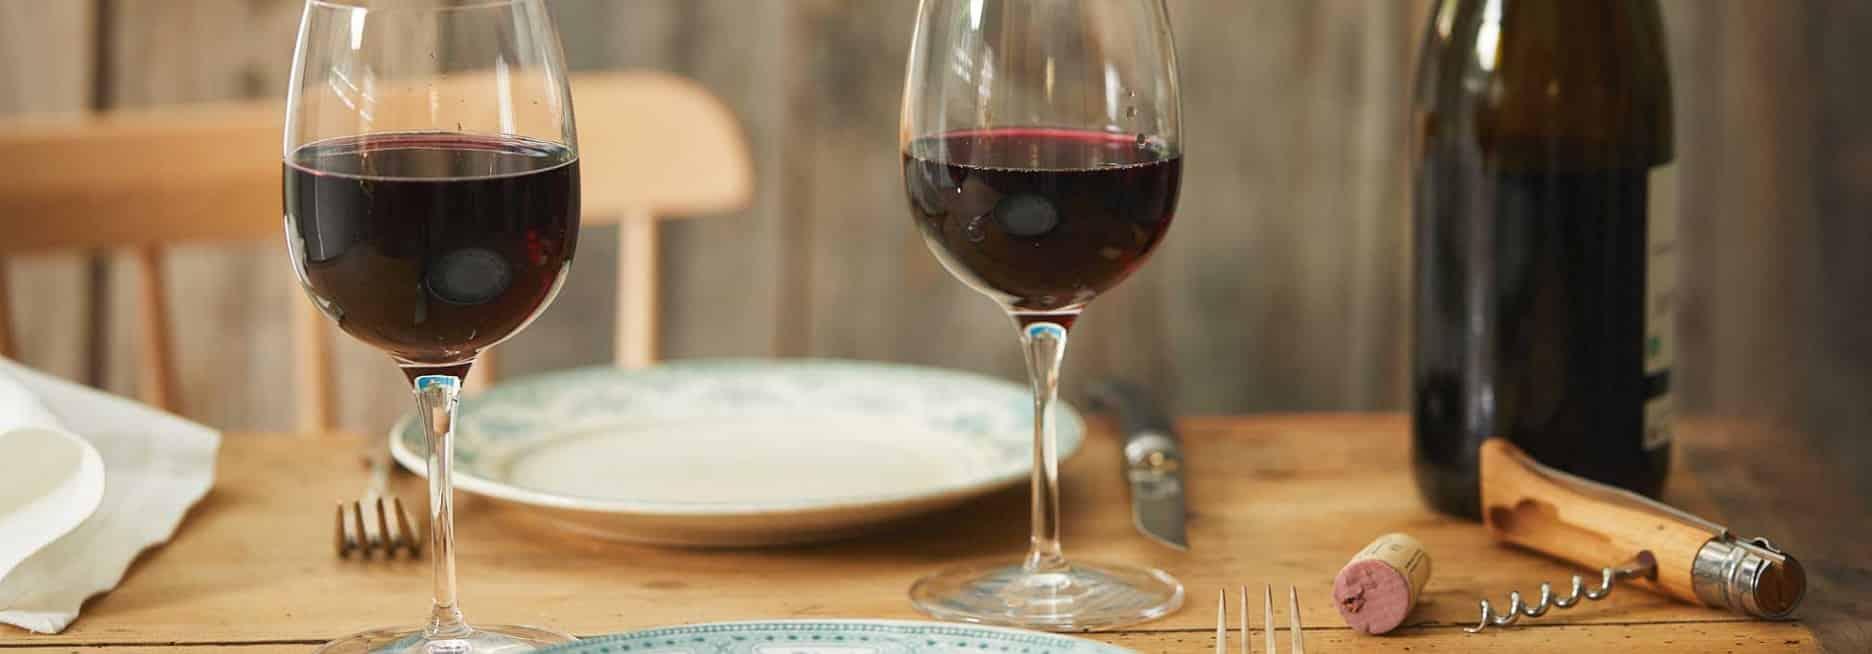 Verres de vin à table